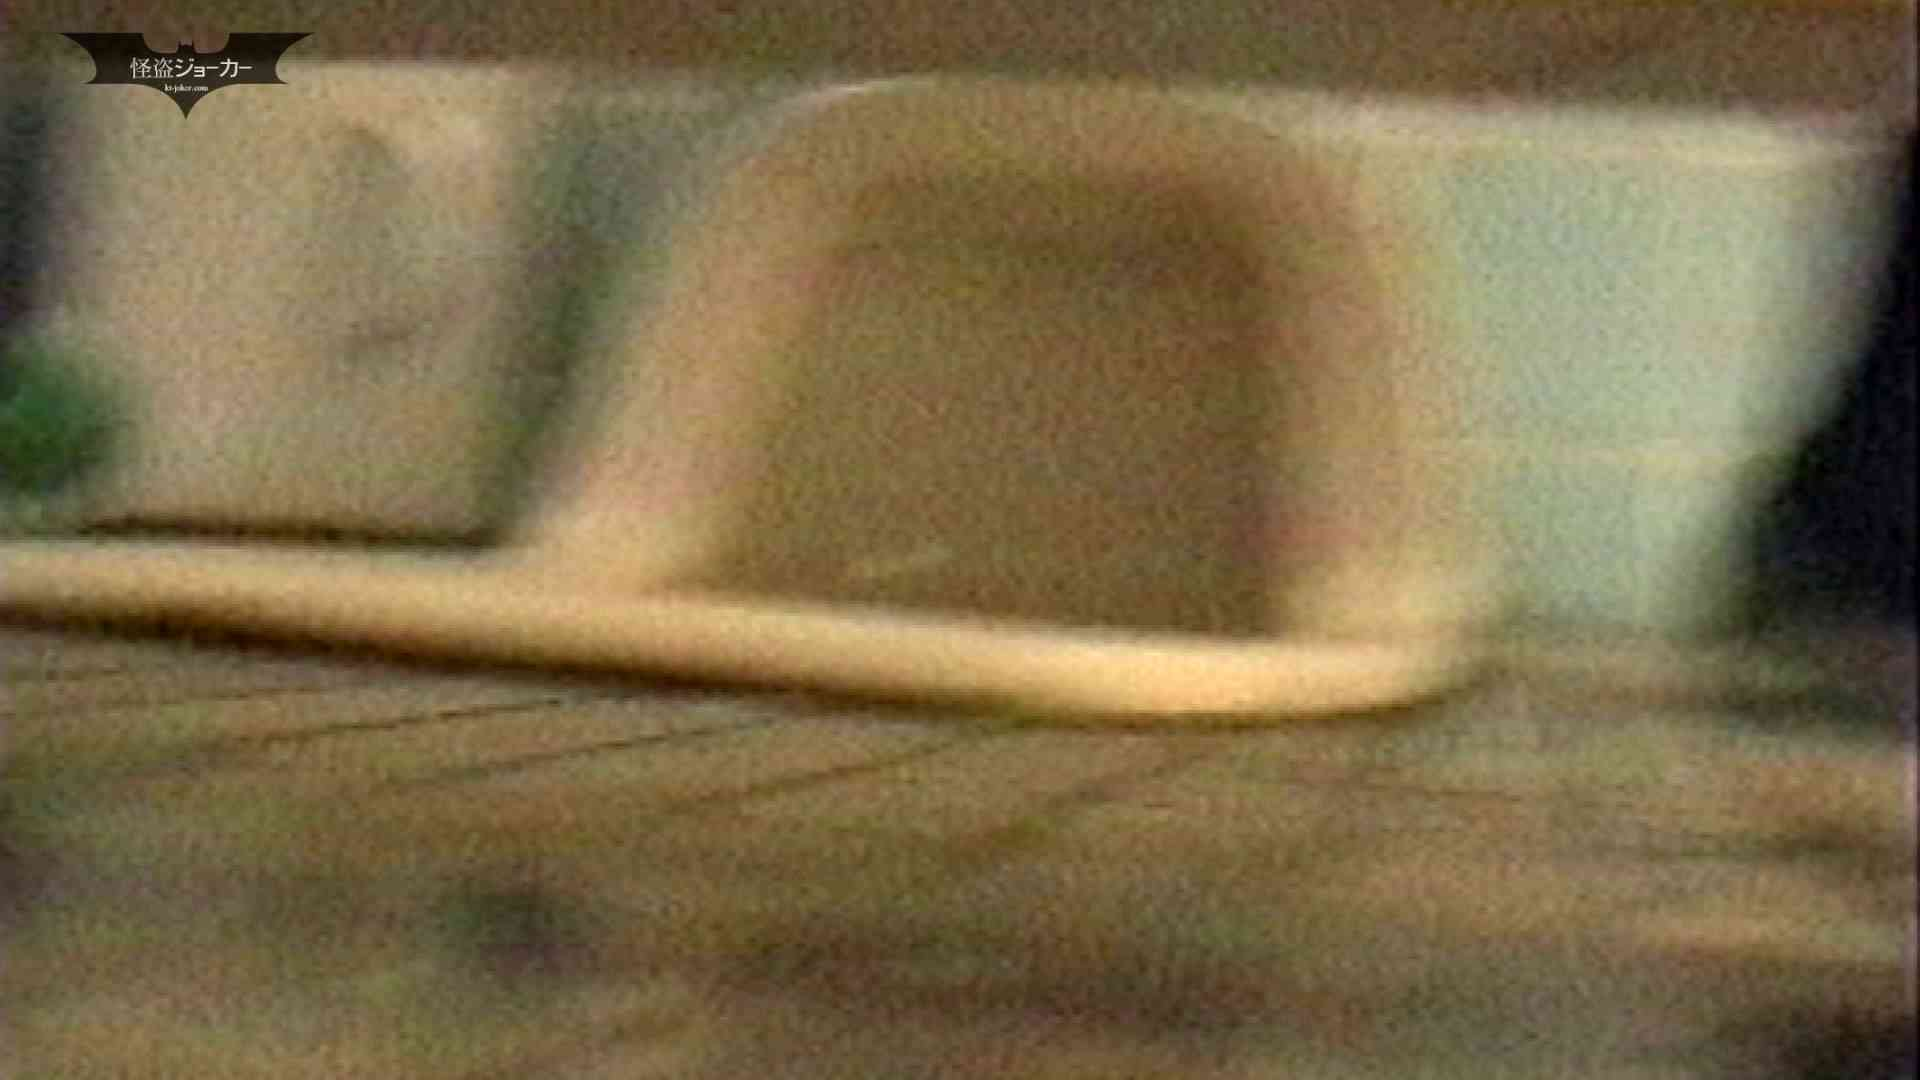 女の子の休み時間のひととき Vol.05 OLのボディ   学校潜入  107PIX 45